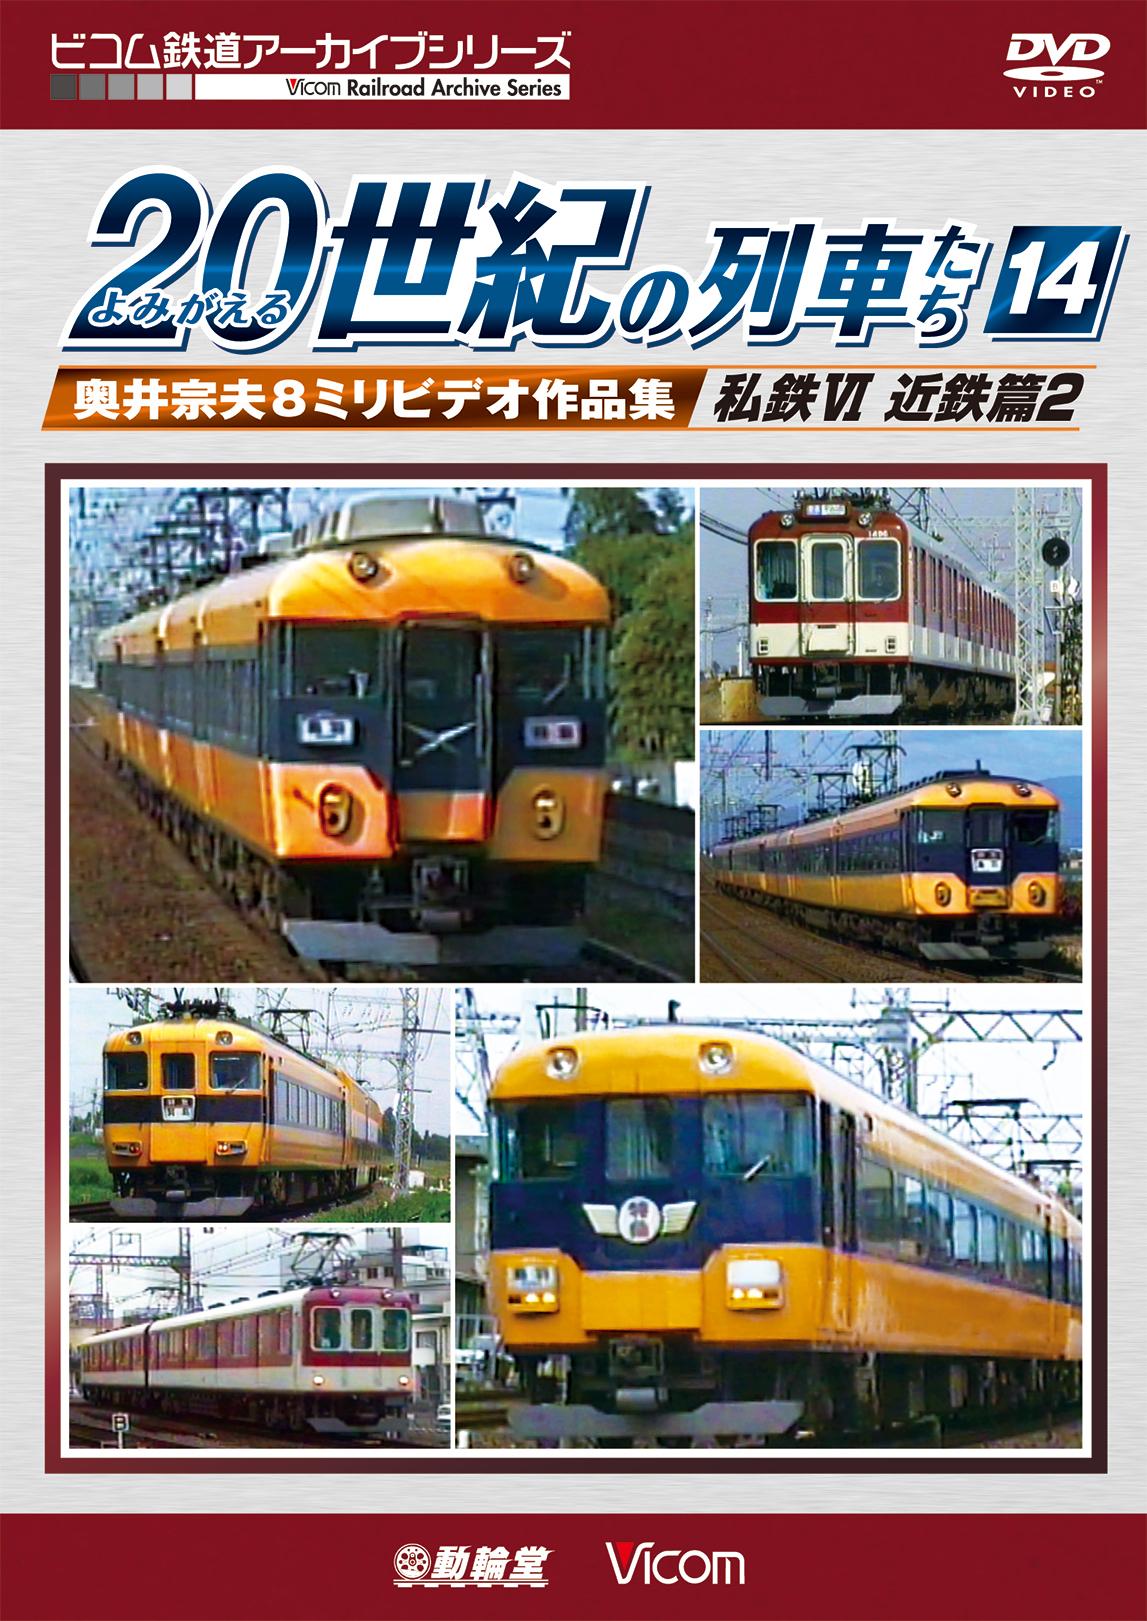 よみがえる20世紀の列車たち14 私鉄6 近鉄篇2【2019年11月21日発売】